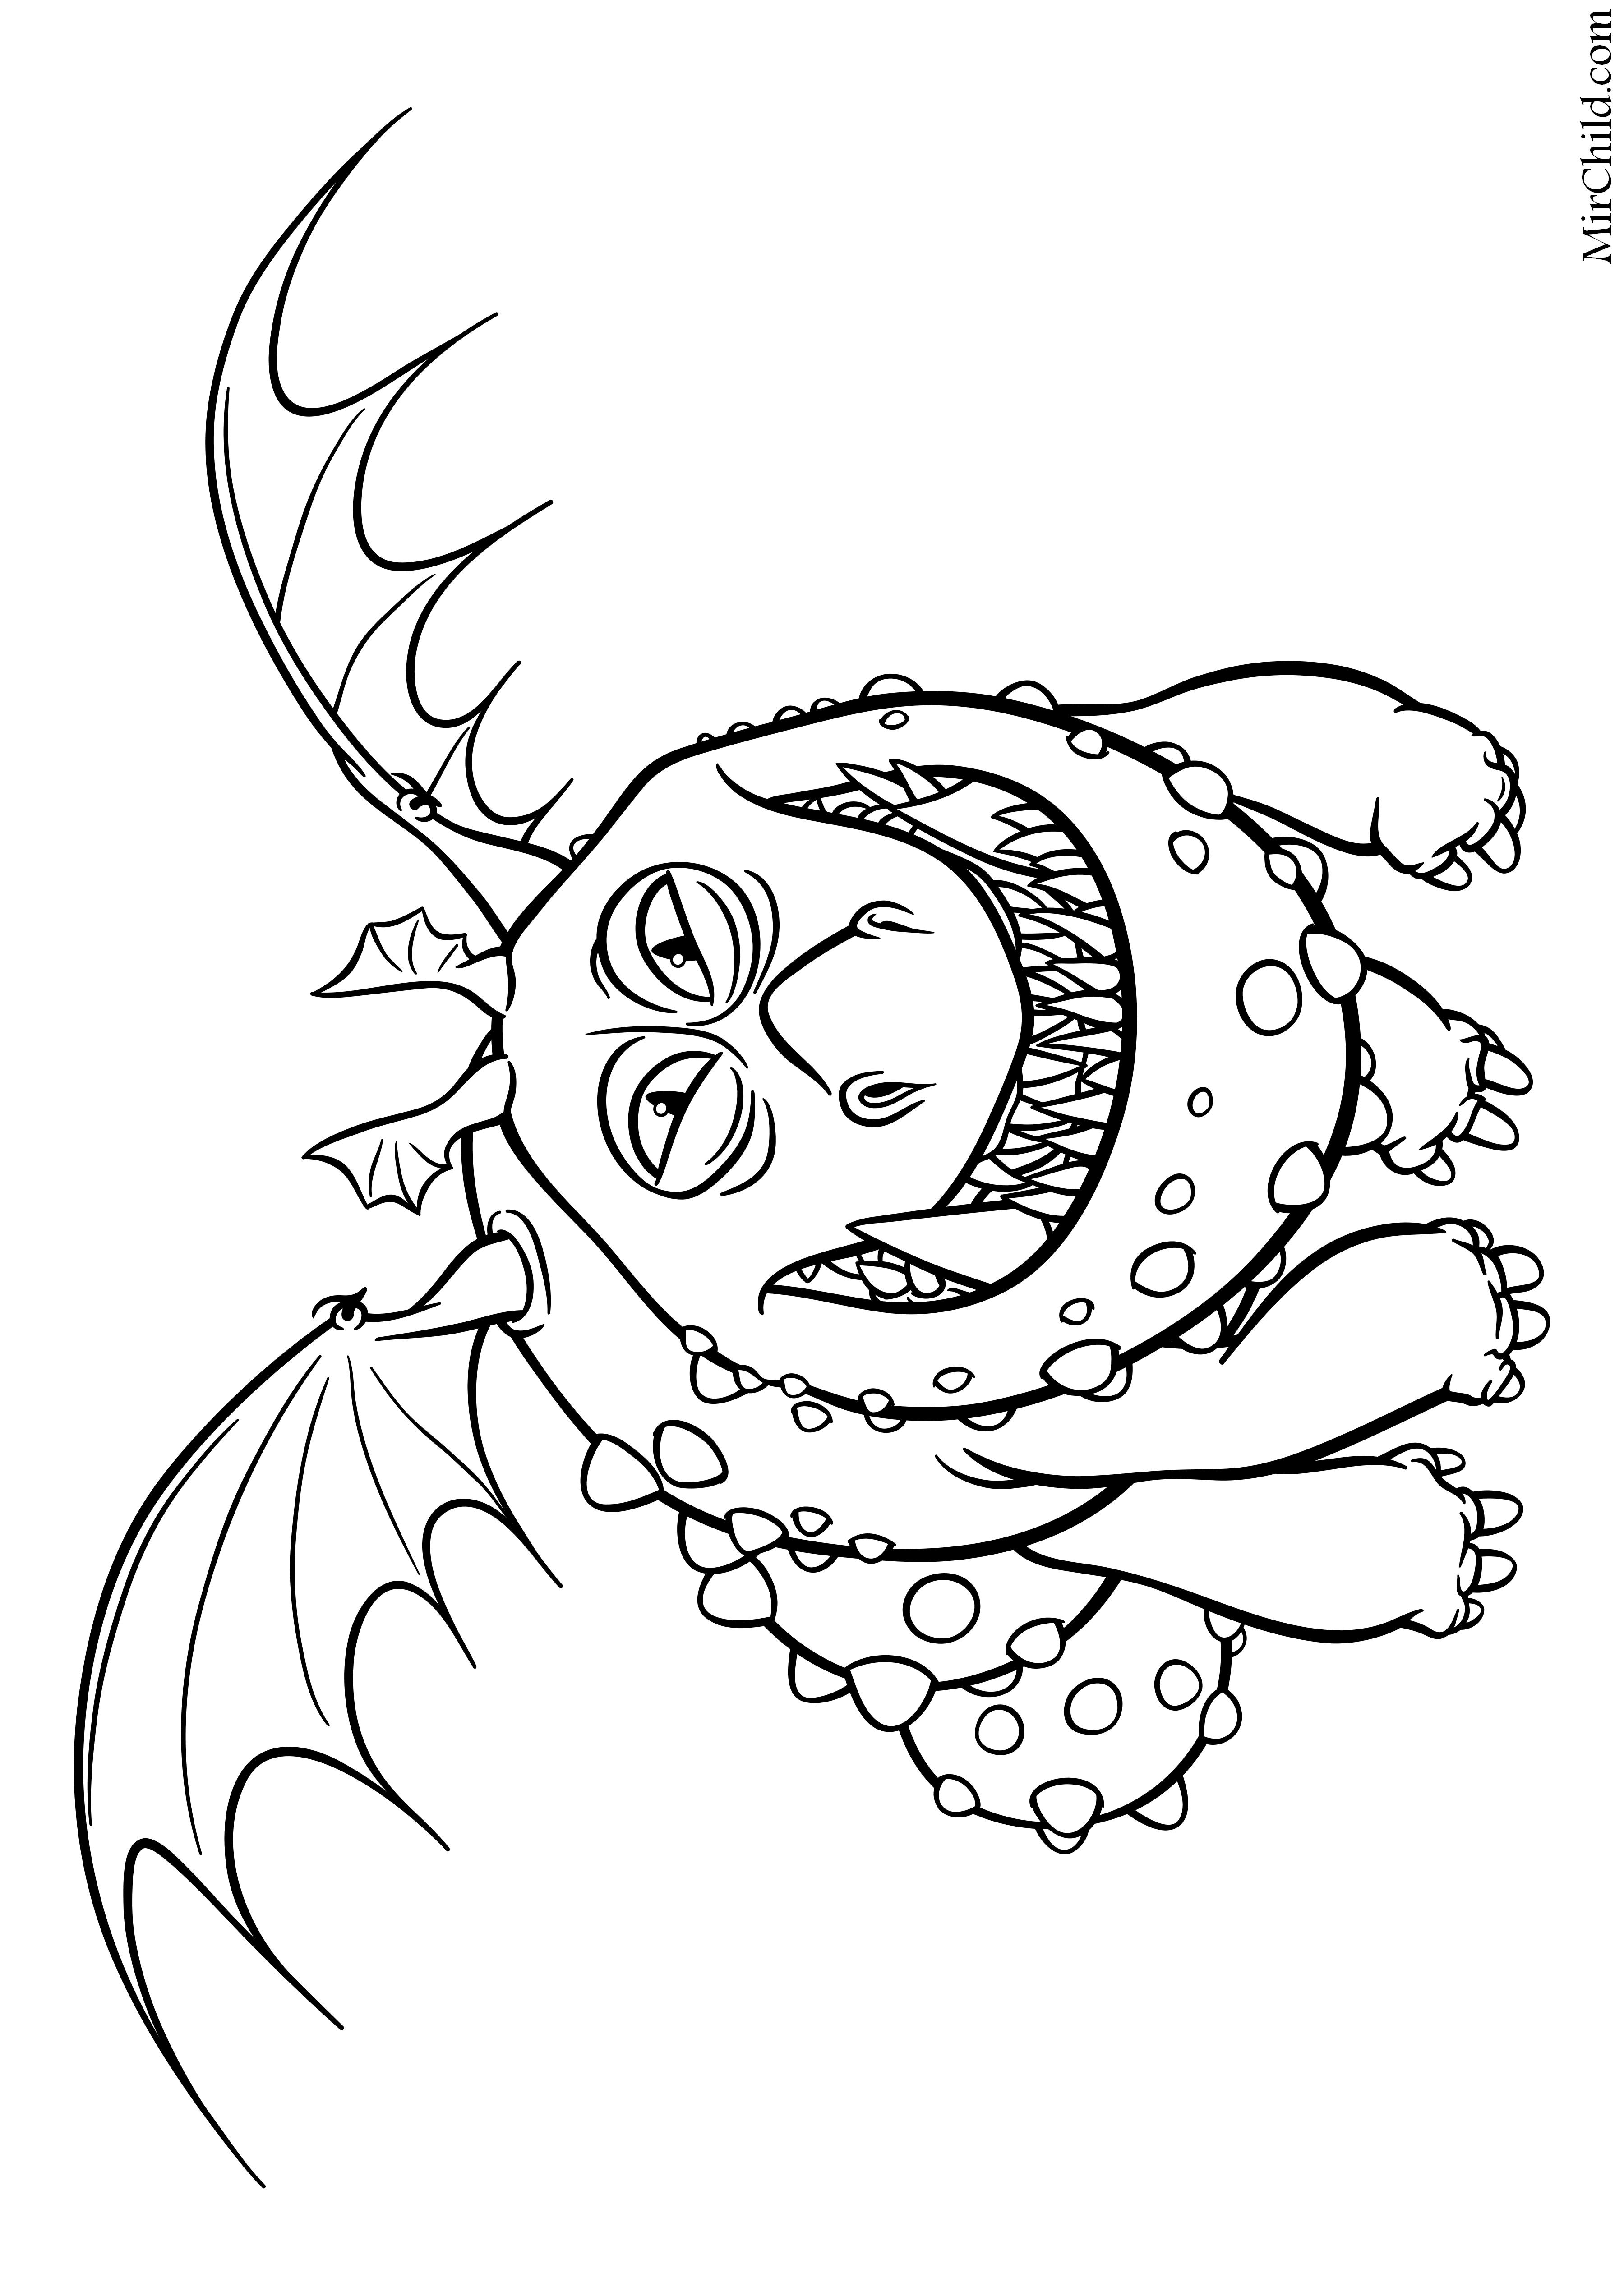 Раскраска - Как приручить дракона 3 - Сарделька - дракон ...